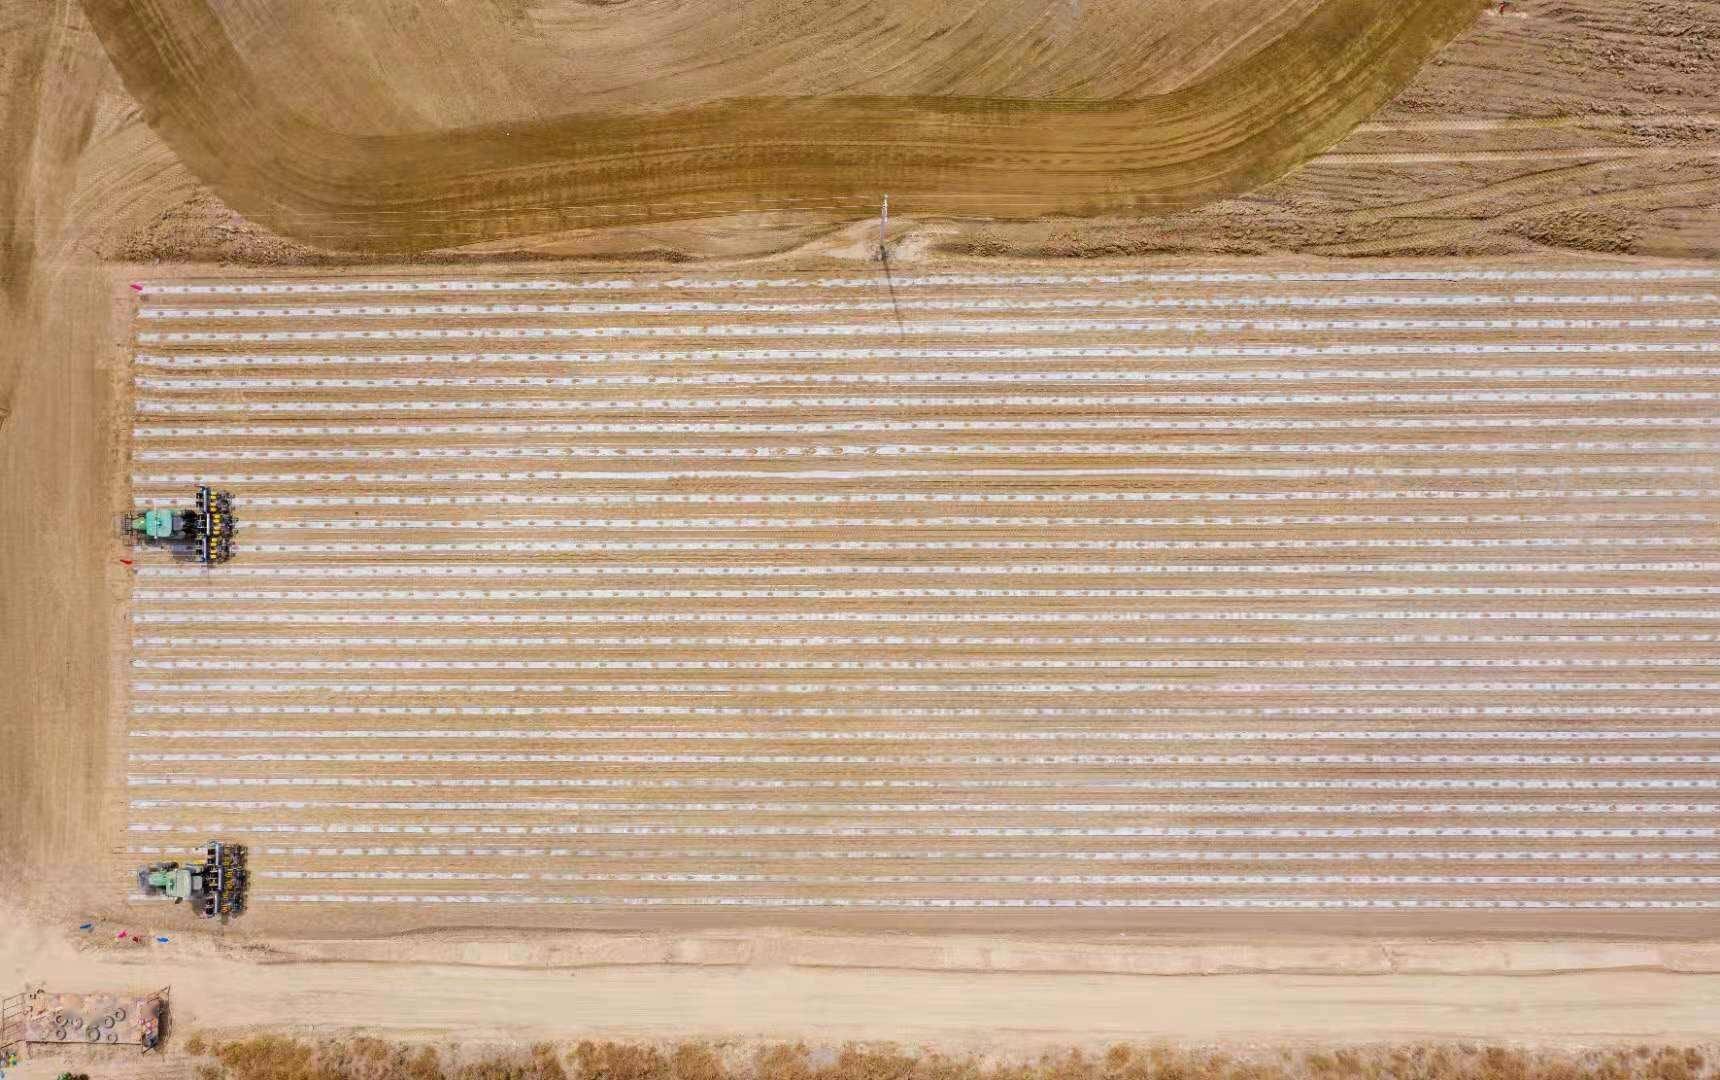 两个人挑战管理3000亩棉田,「极飞科技」国内首个无人化棉花农场项目正式启动